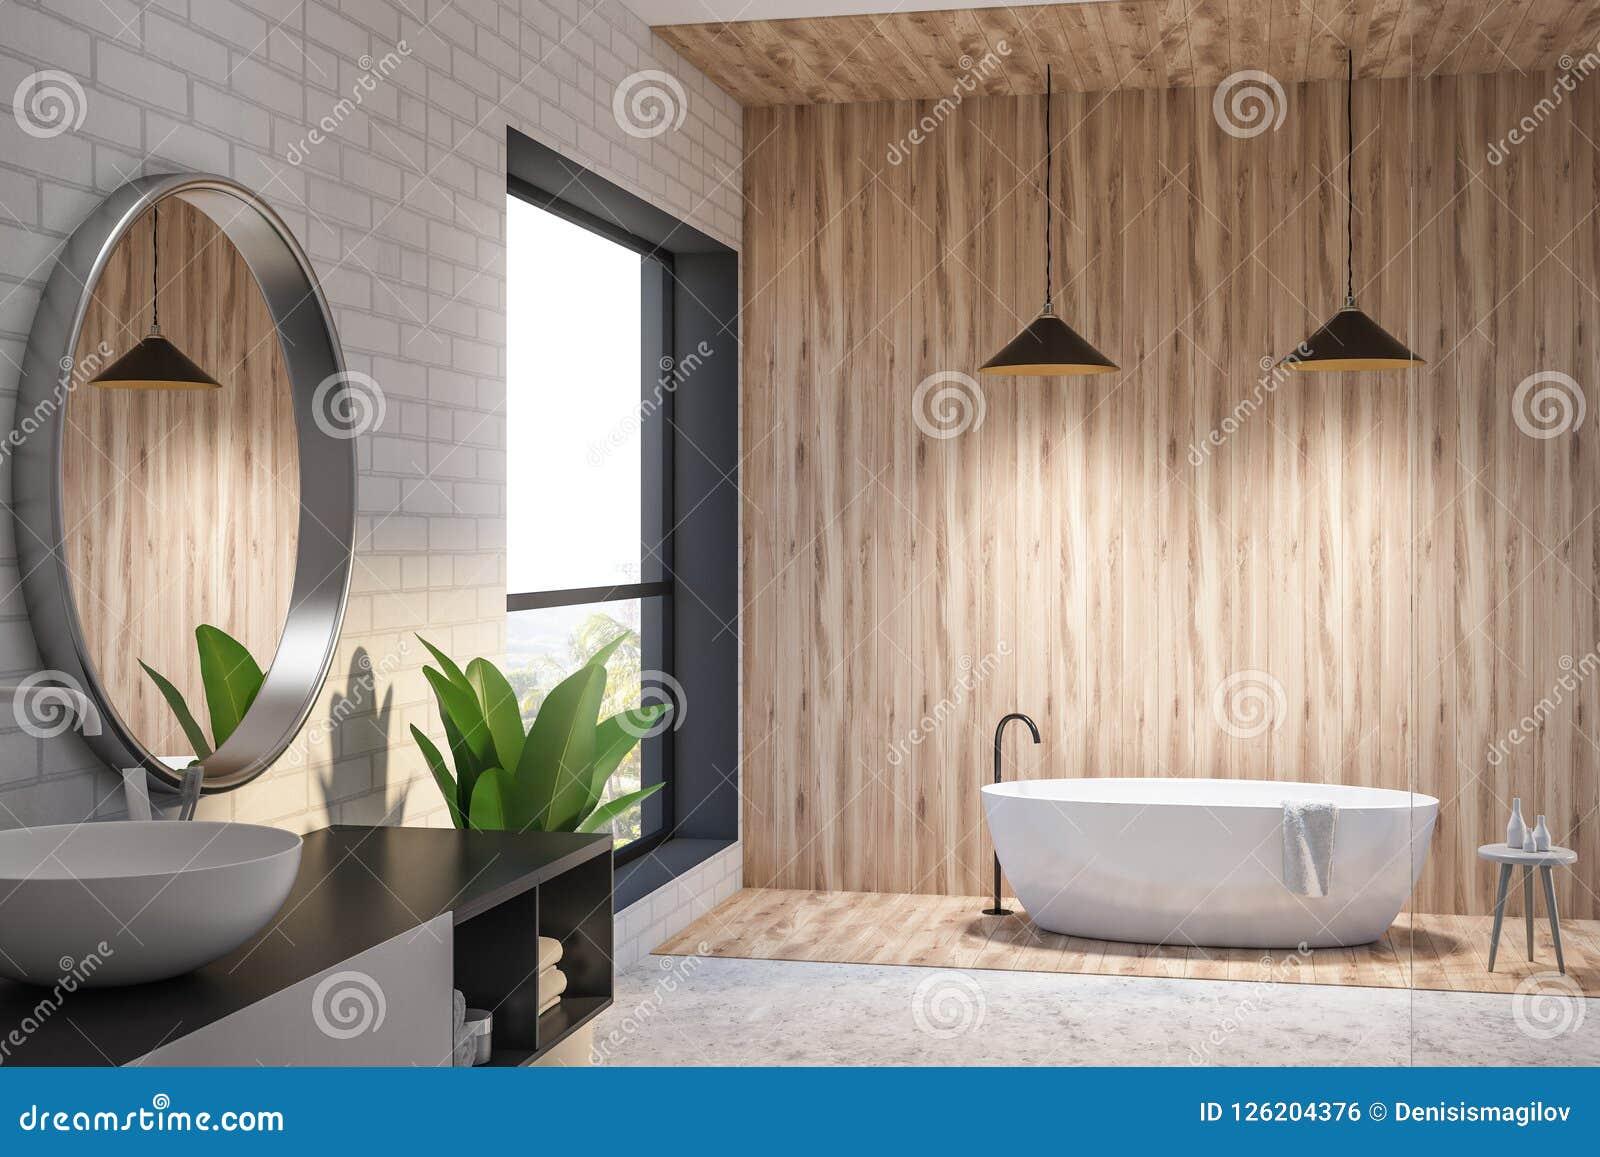 Salle De Bain Brique brique et salle de bains en bois intérieures, baquet rond